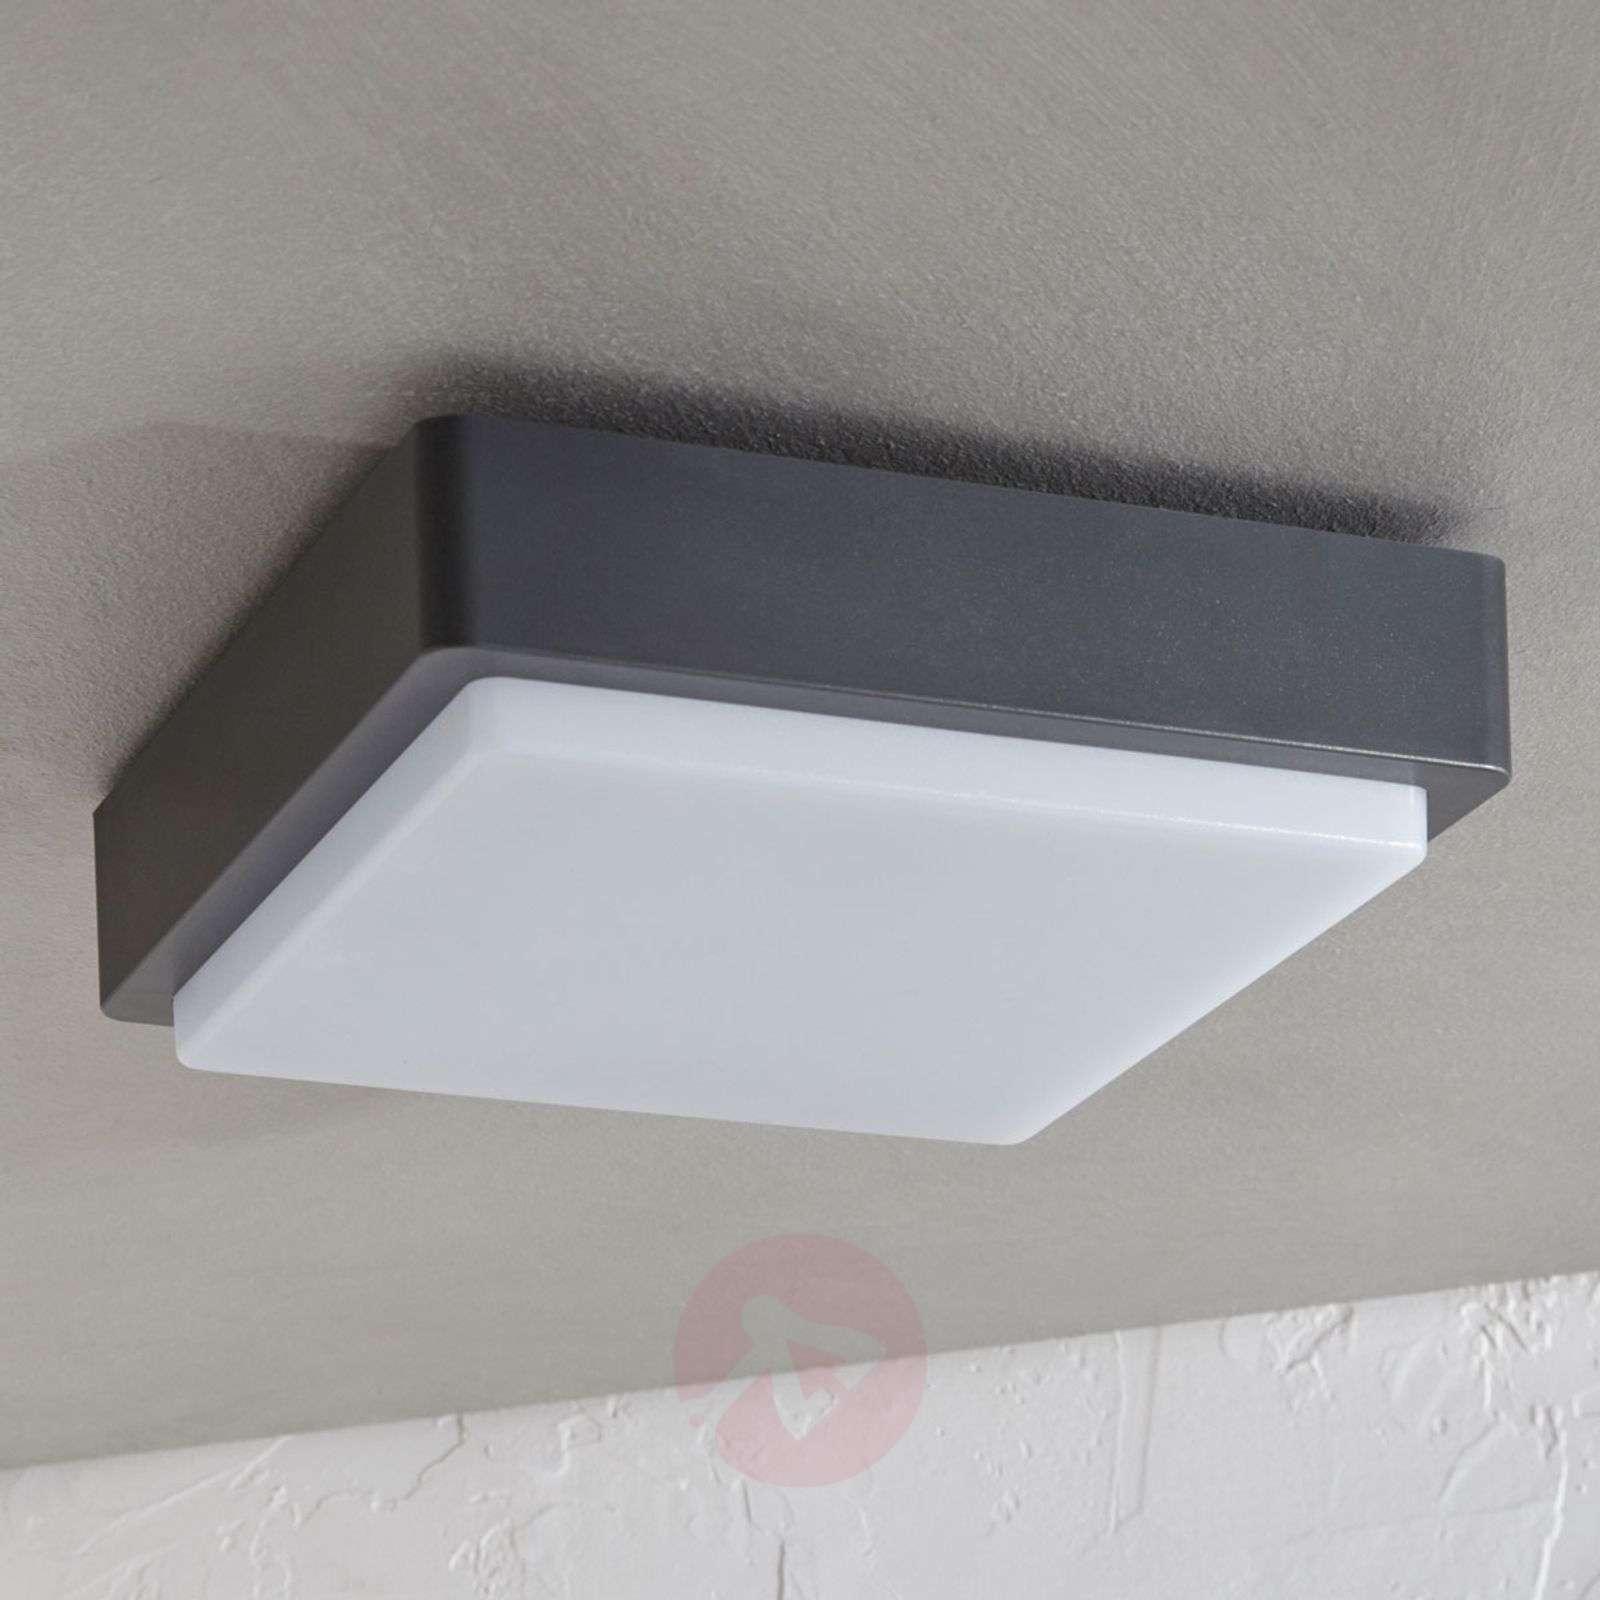 LED-ulkokattovalaisin Nermin, IP65, kulmikas-9949012-01